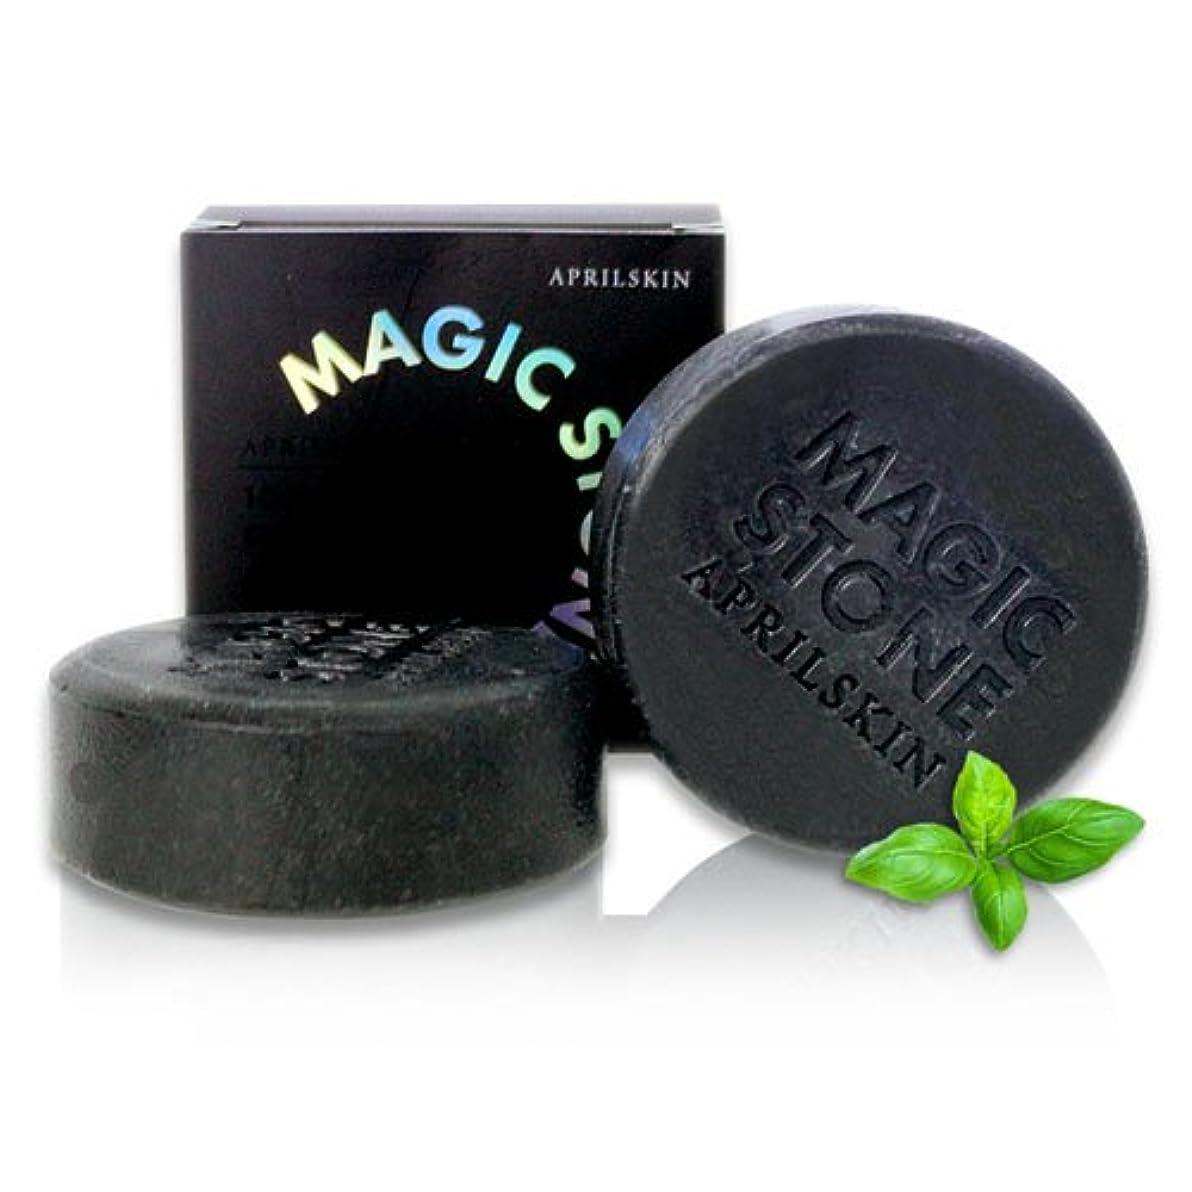 警察署省略ライトニングエープリル?スキン [韓国コスメ April Skin] マジック ストーン (100%天然石けん) Magic Stone Black [海外直送品][並行輸入品]